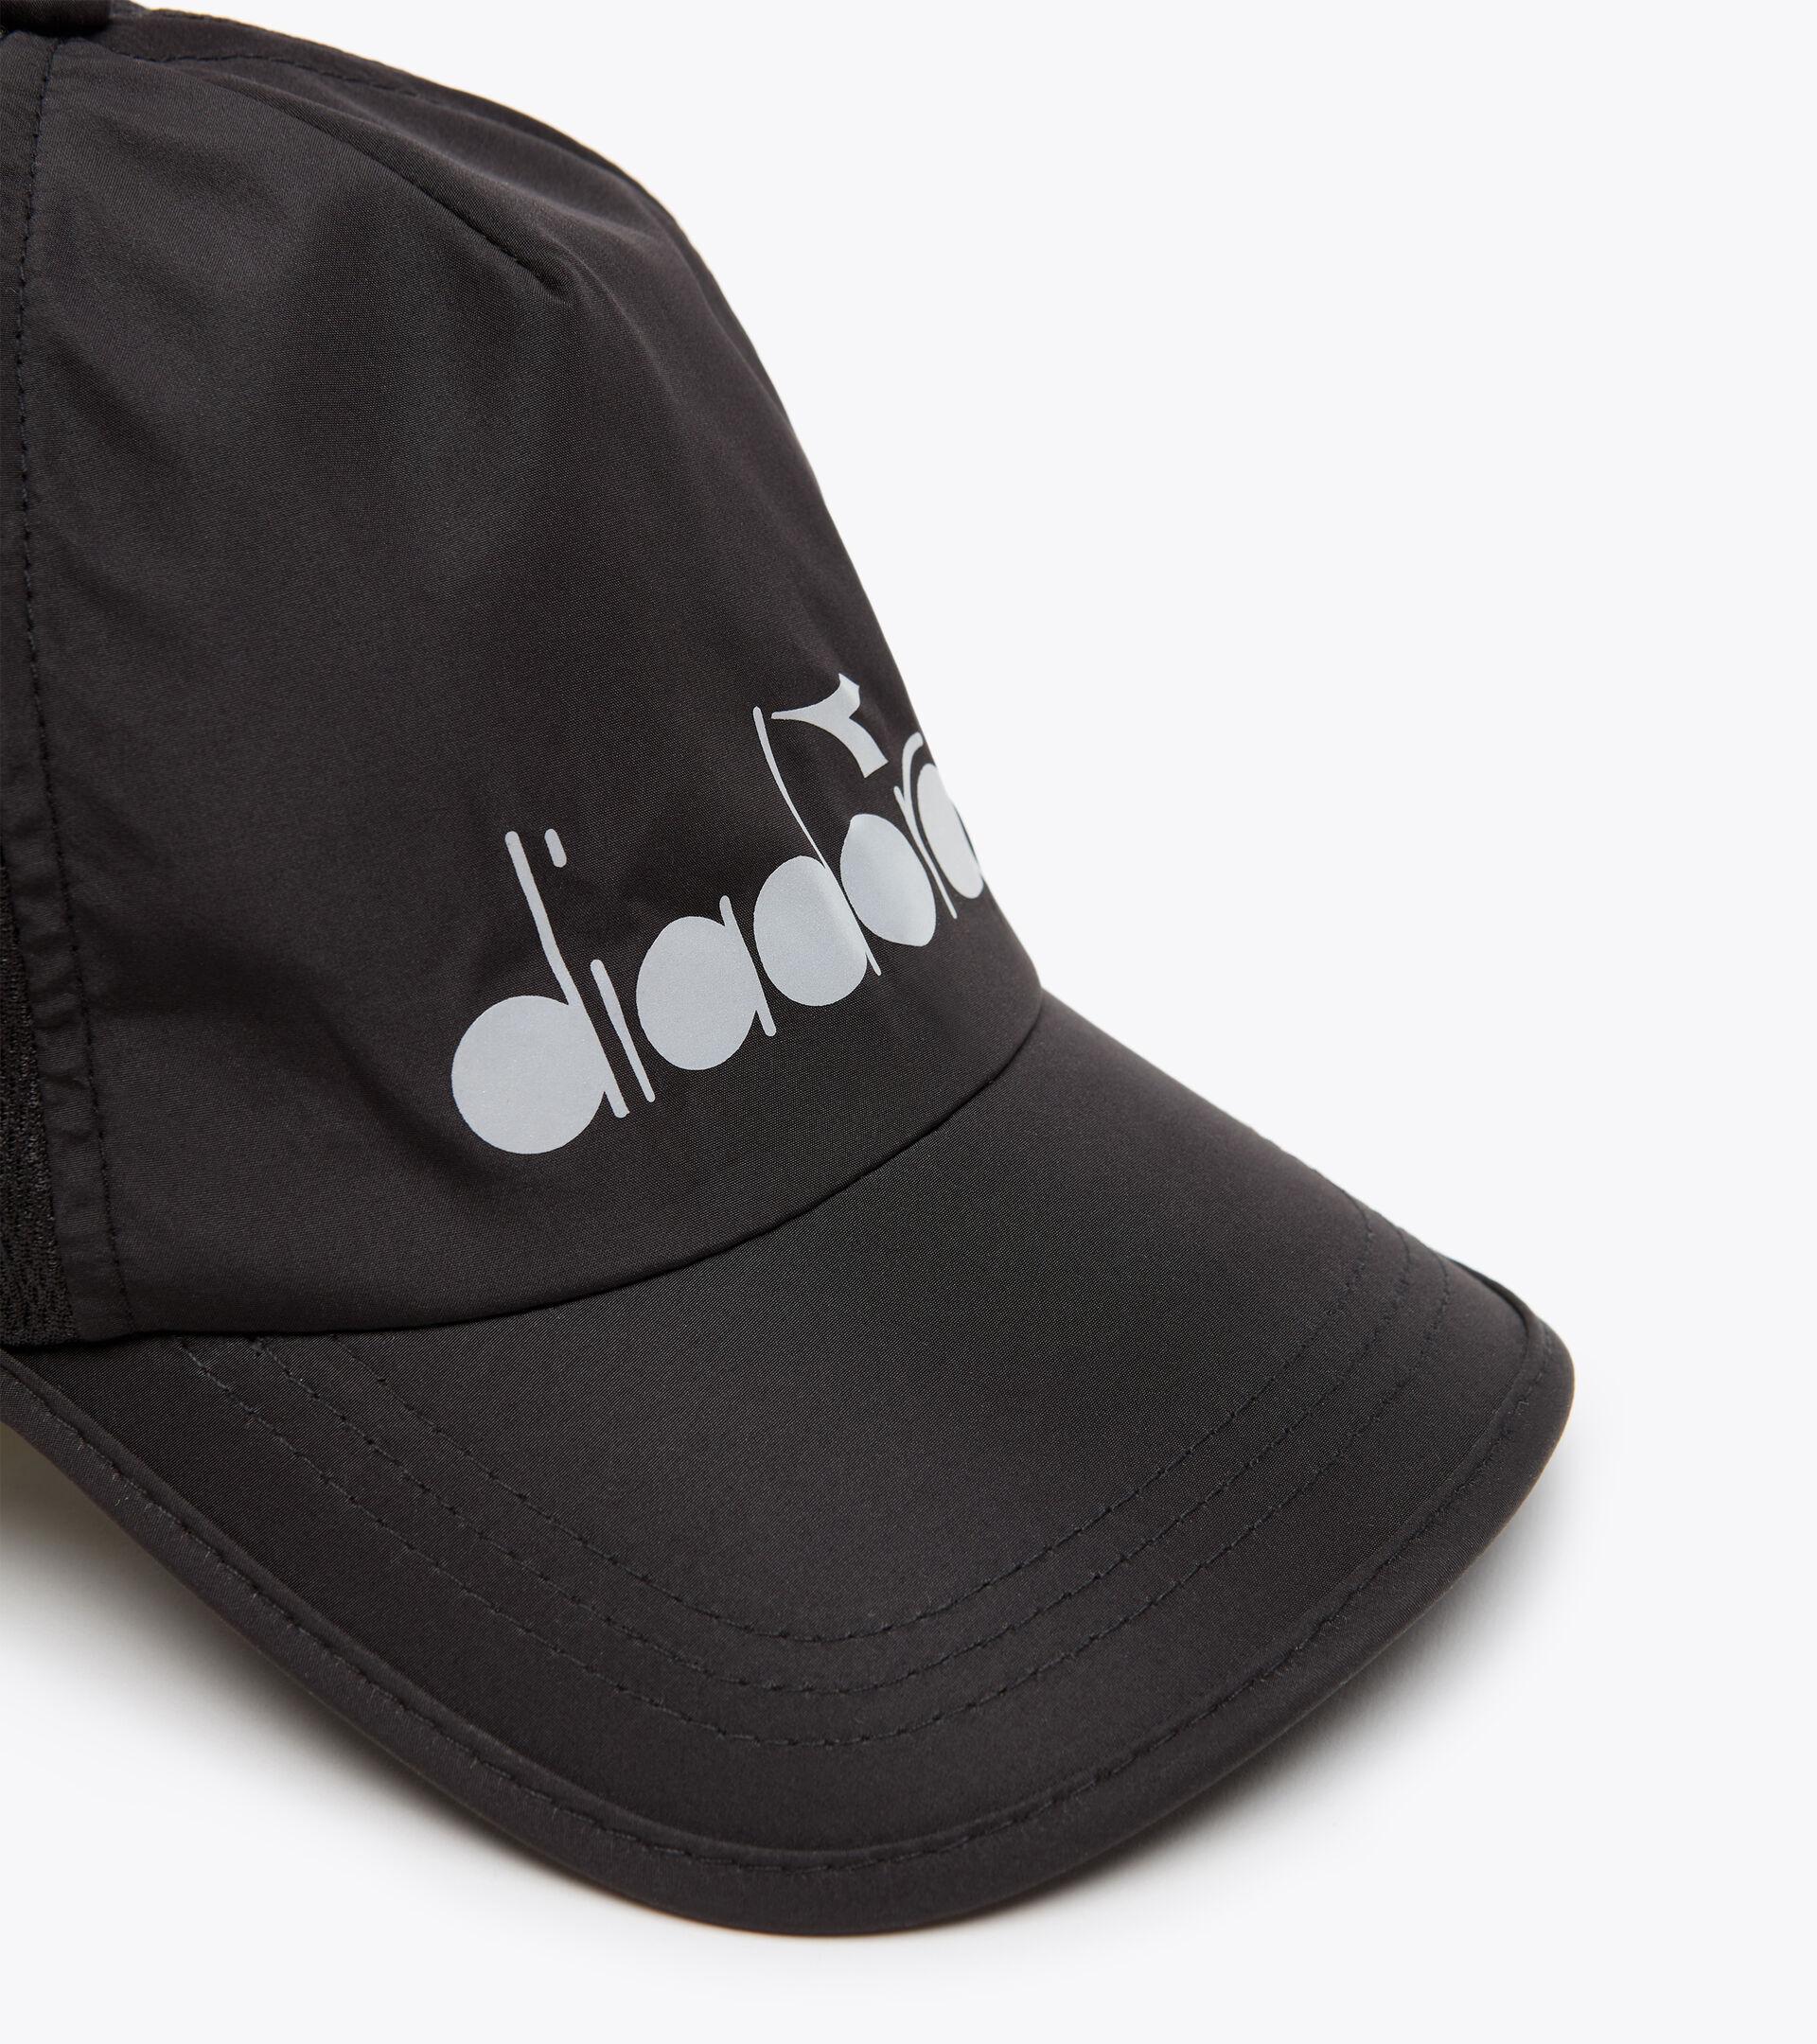 Peaked cap - Unisex RUNNING CAP PIRATE BLACK 1 - Diadora